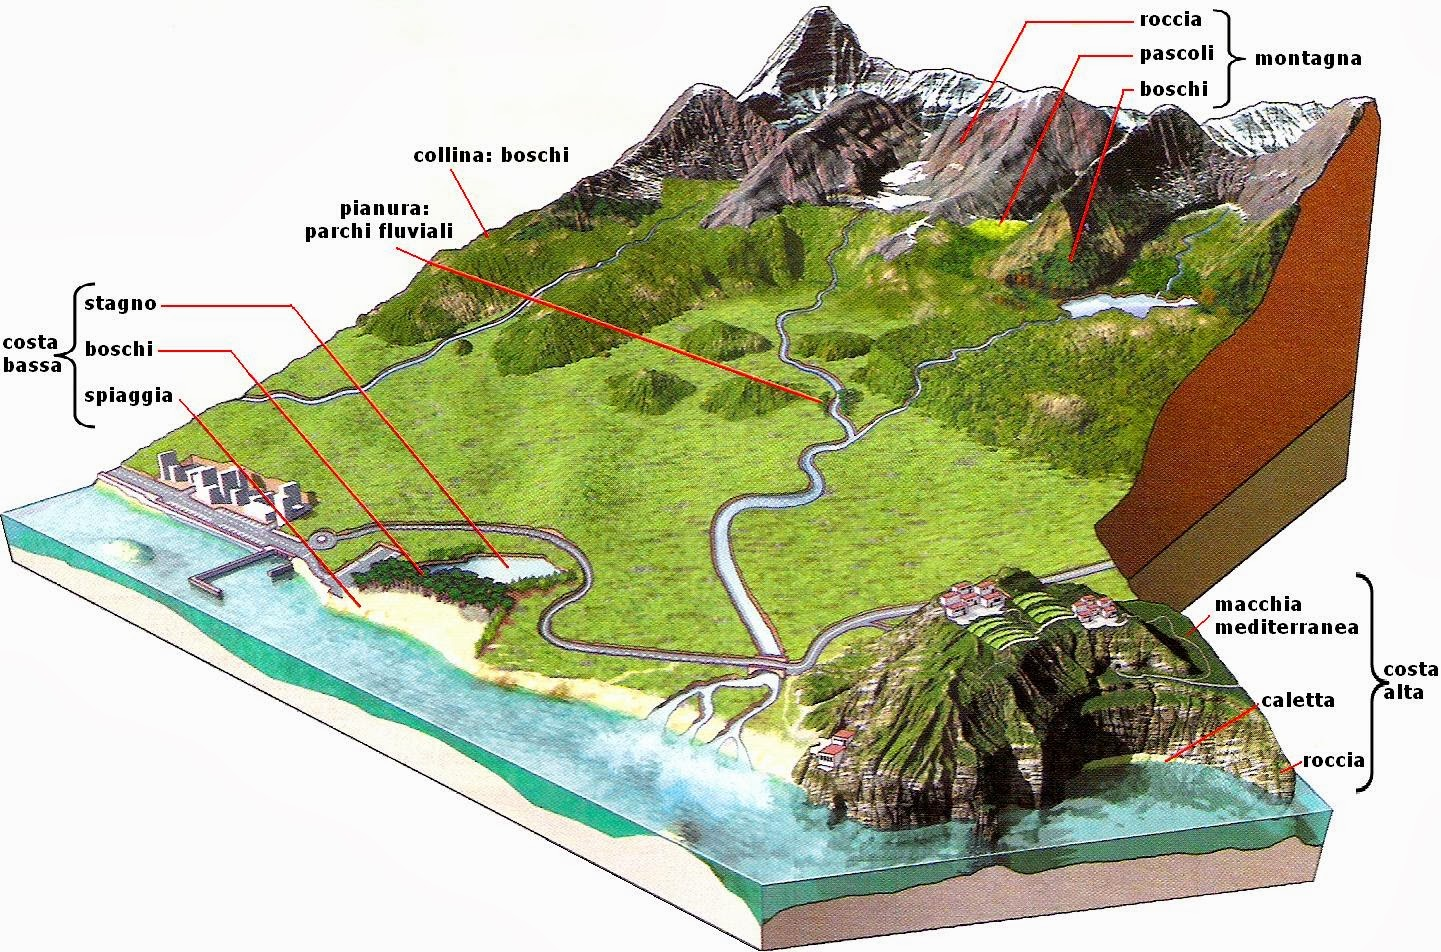 Imparare con la geografia 6 elementi del paesaggio la for Tipi di case in italia